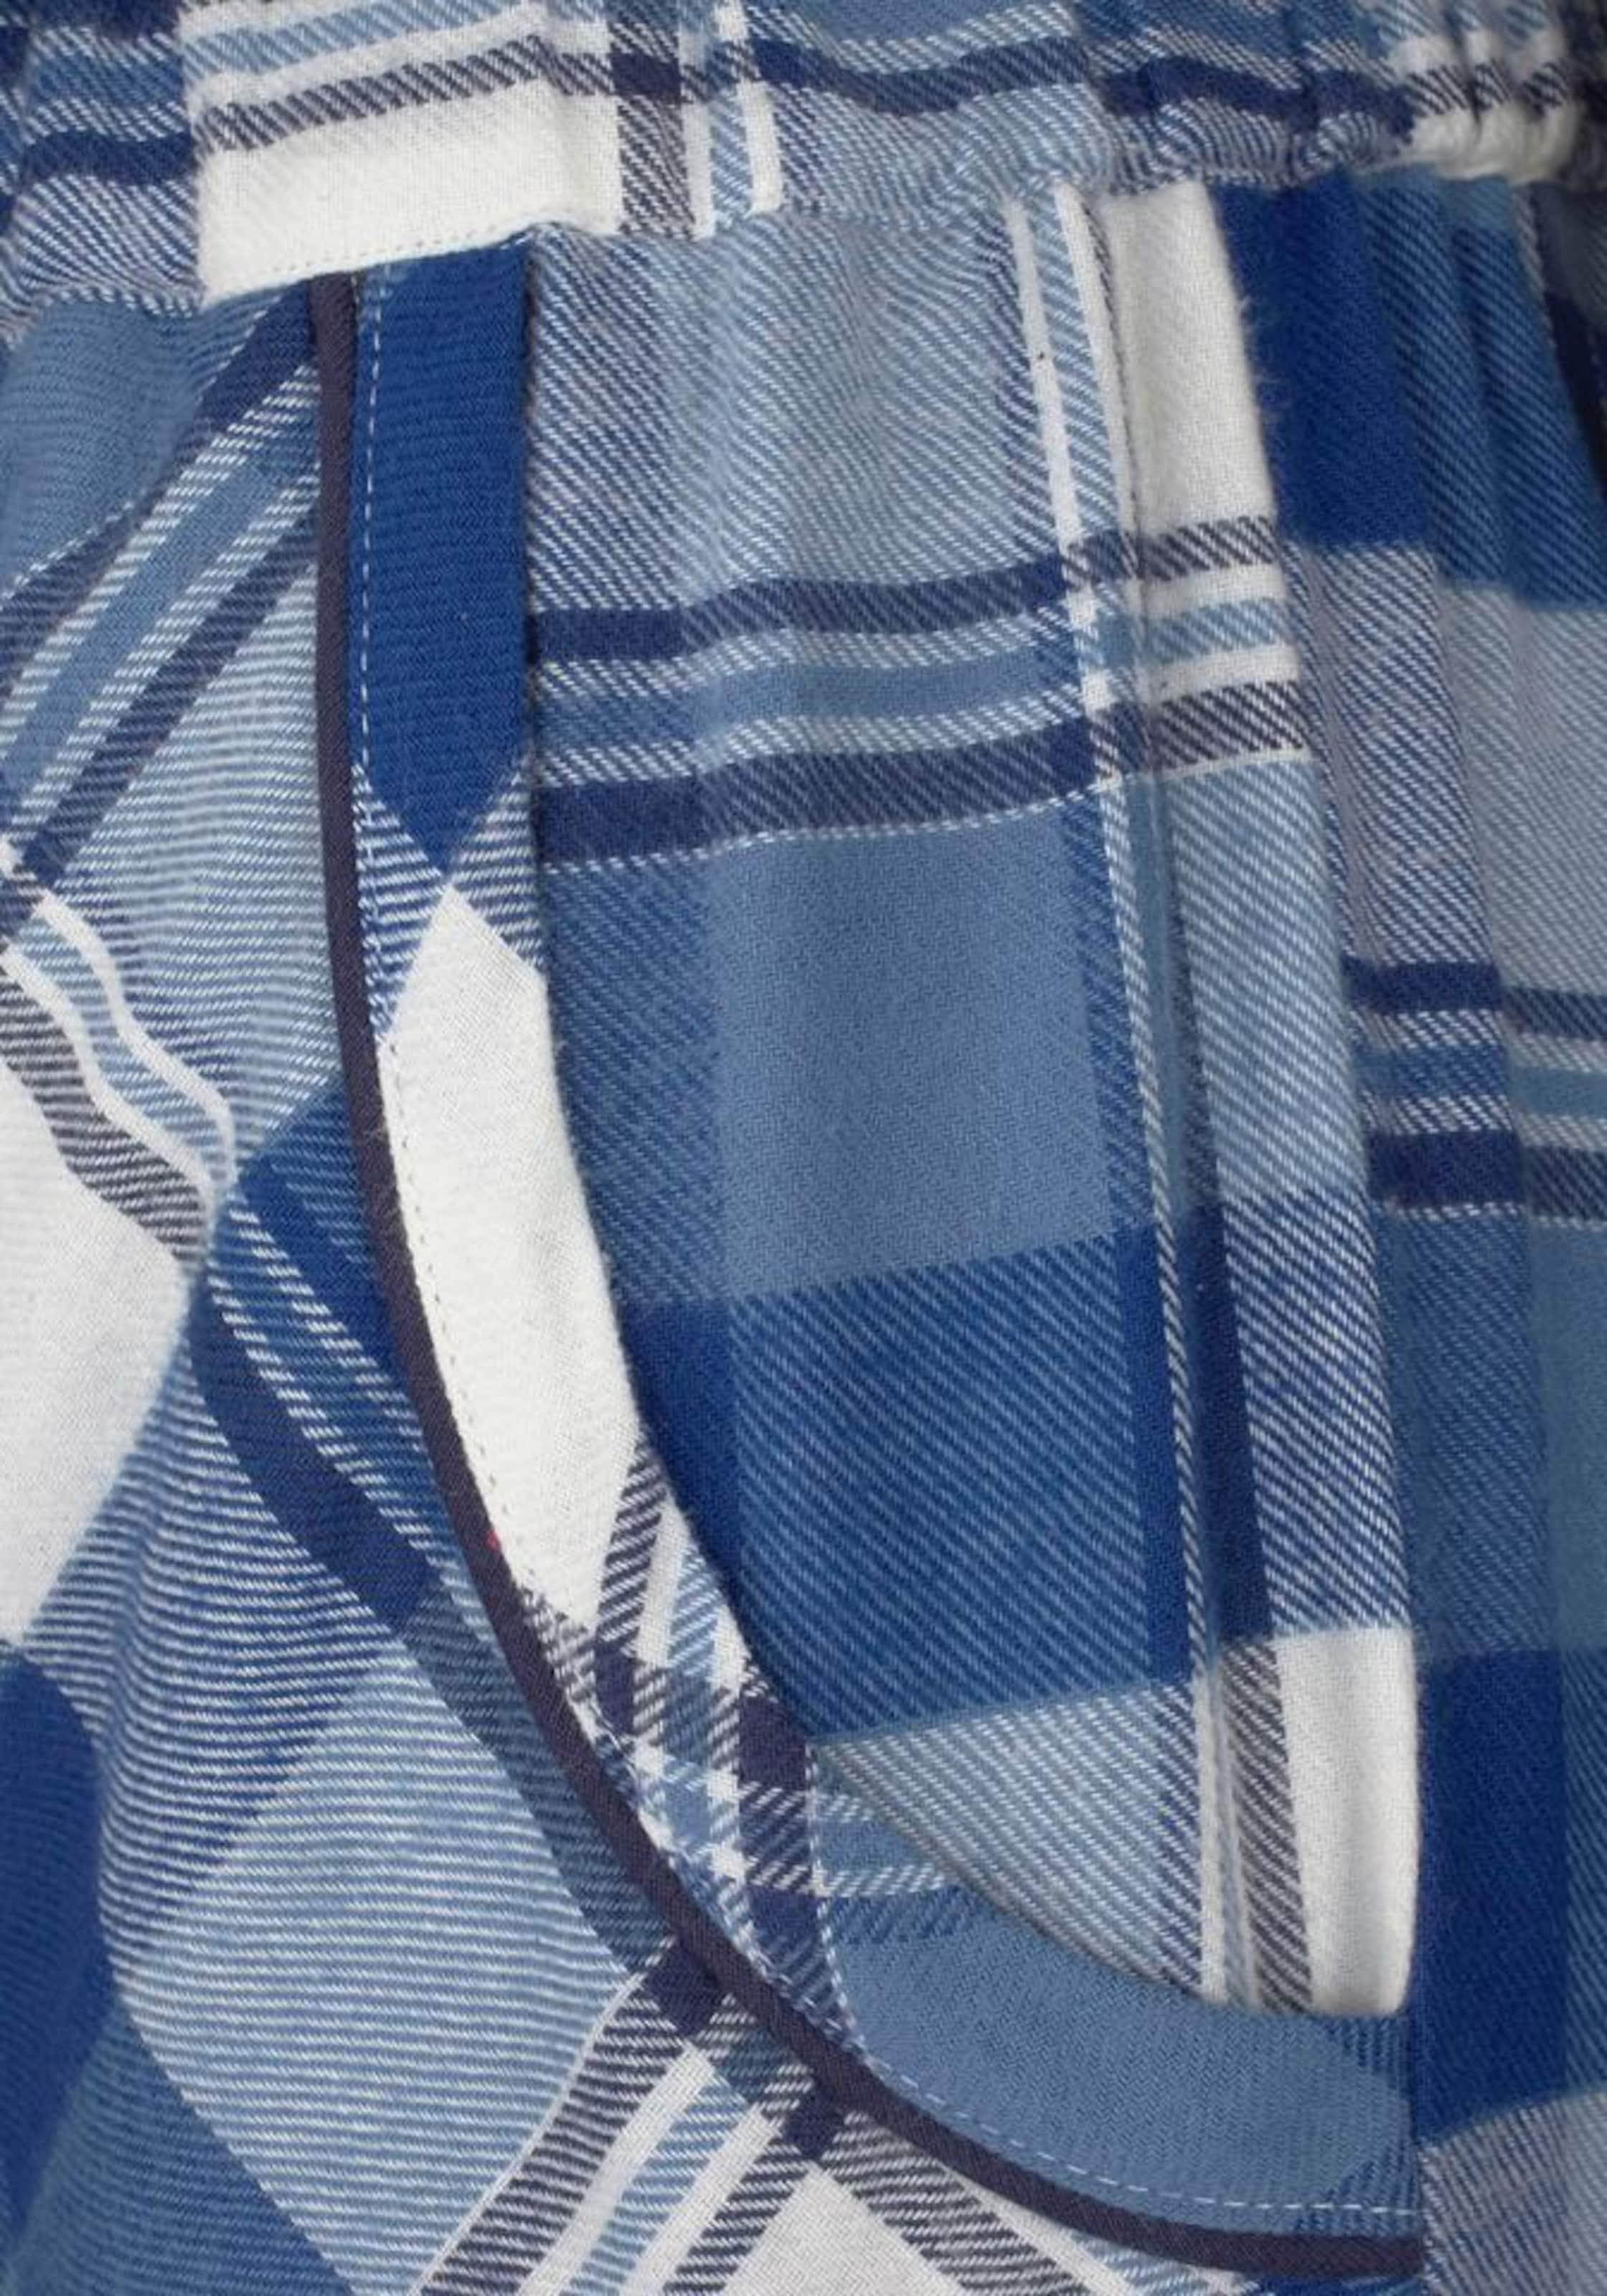 Billige Angebote Manchester Großer Verkauf Zum Verkauf H.I.S Pyjama Factory-Outlet-Verkauf Die Billigsten xQDDRwg